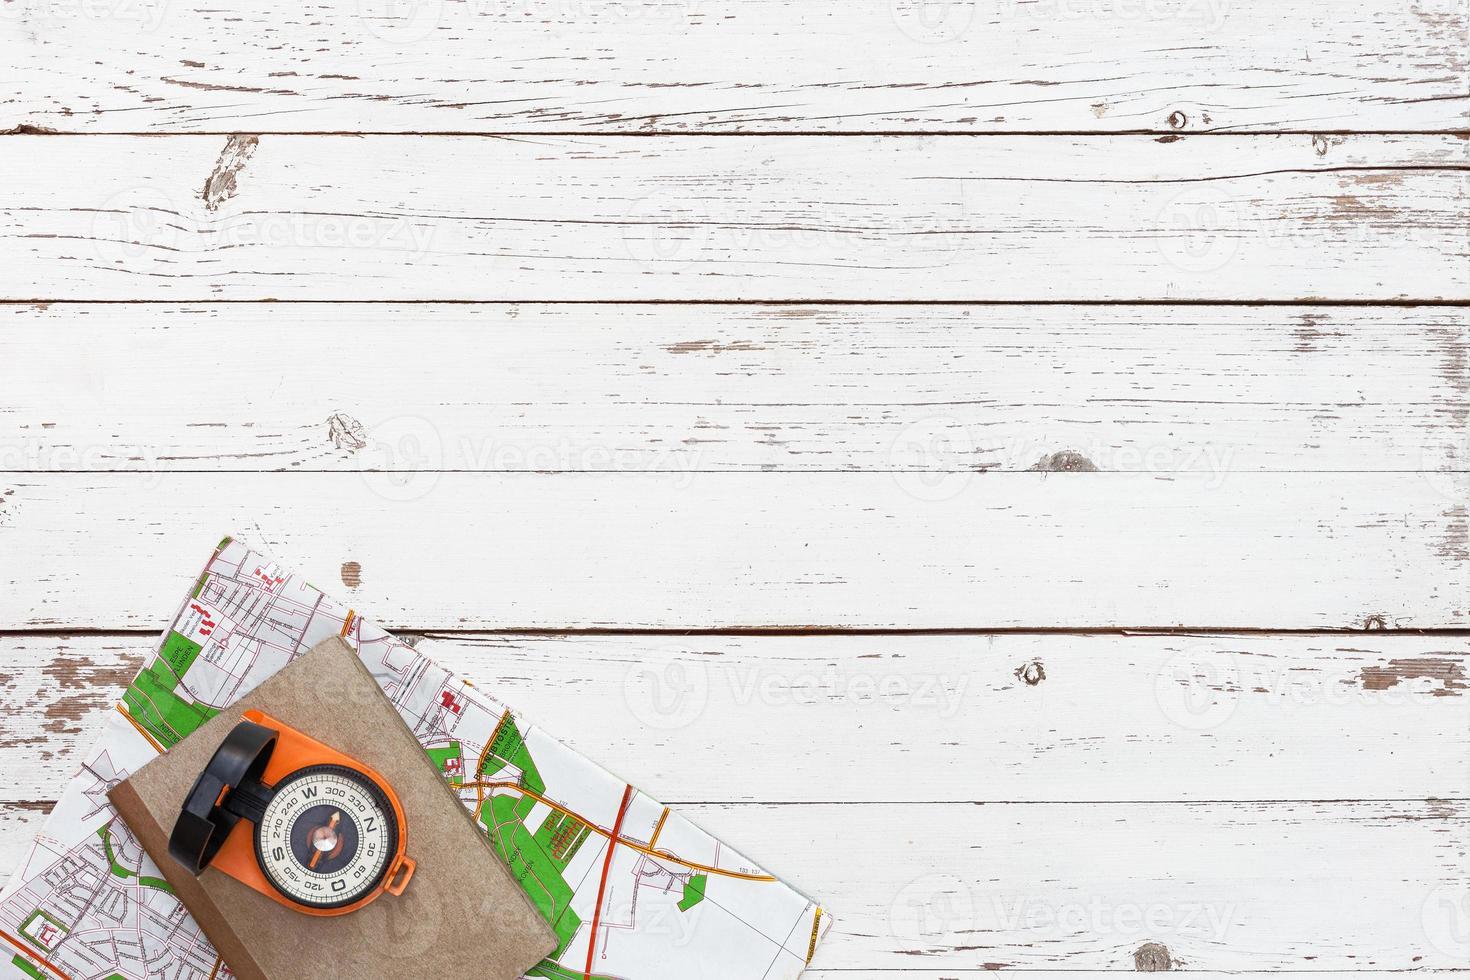 tavolo in legno bianco vuoto con strumenti per l'avventura e i viaggi foto